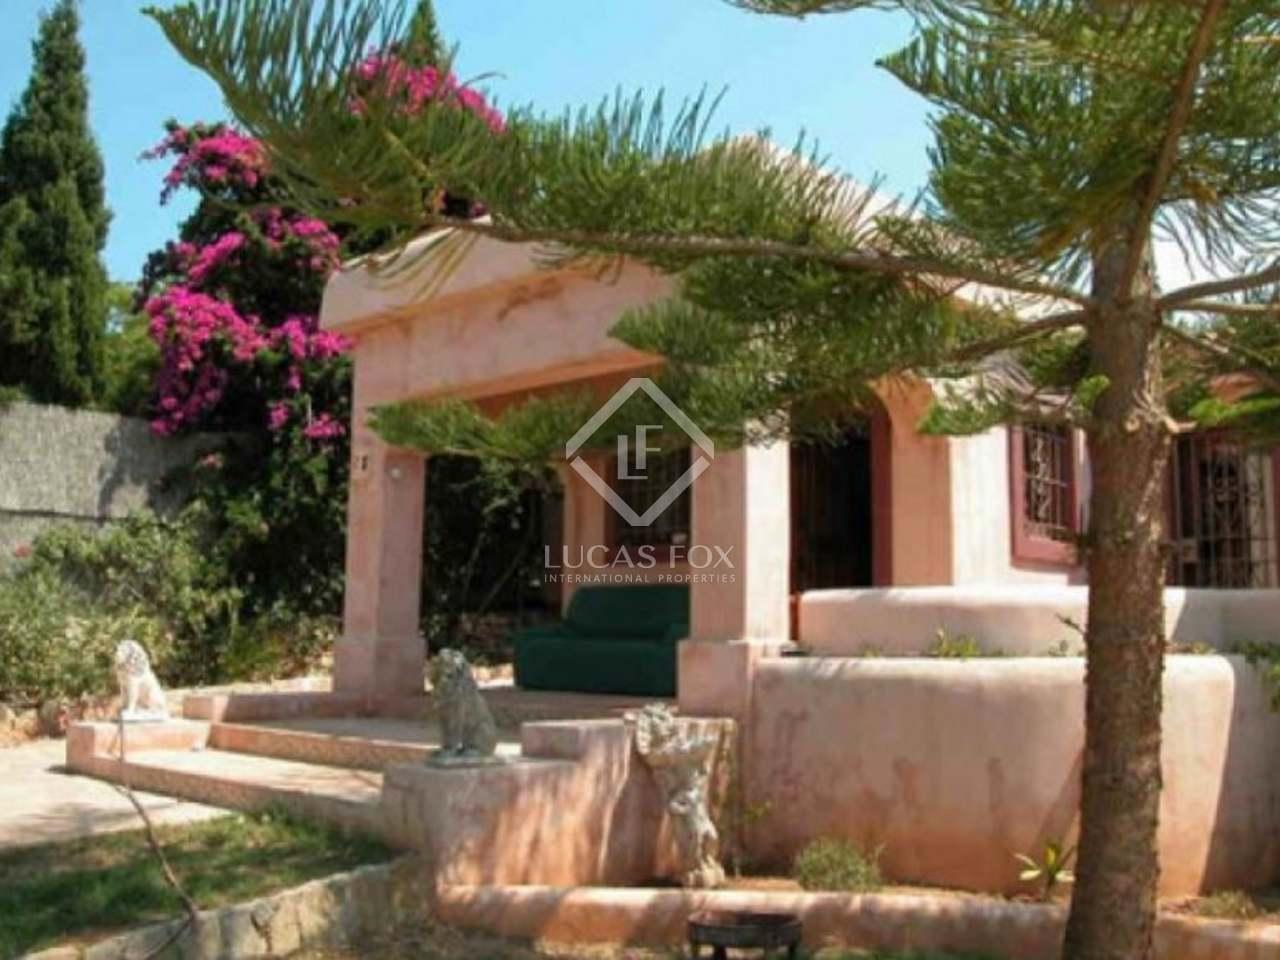 Casa de 4 dormitorios con jard n y piscina en venta en ibiza for Ciudad jardin ibiza